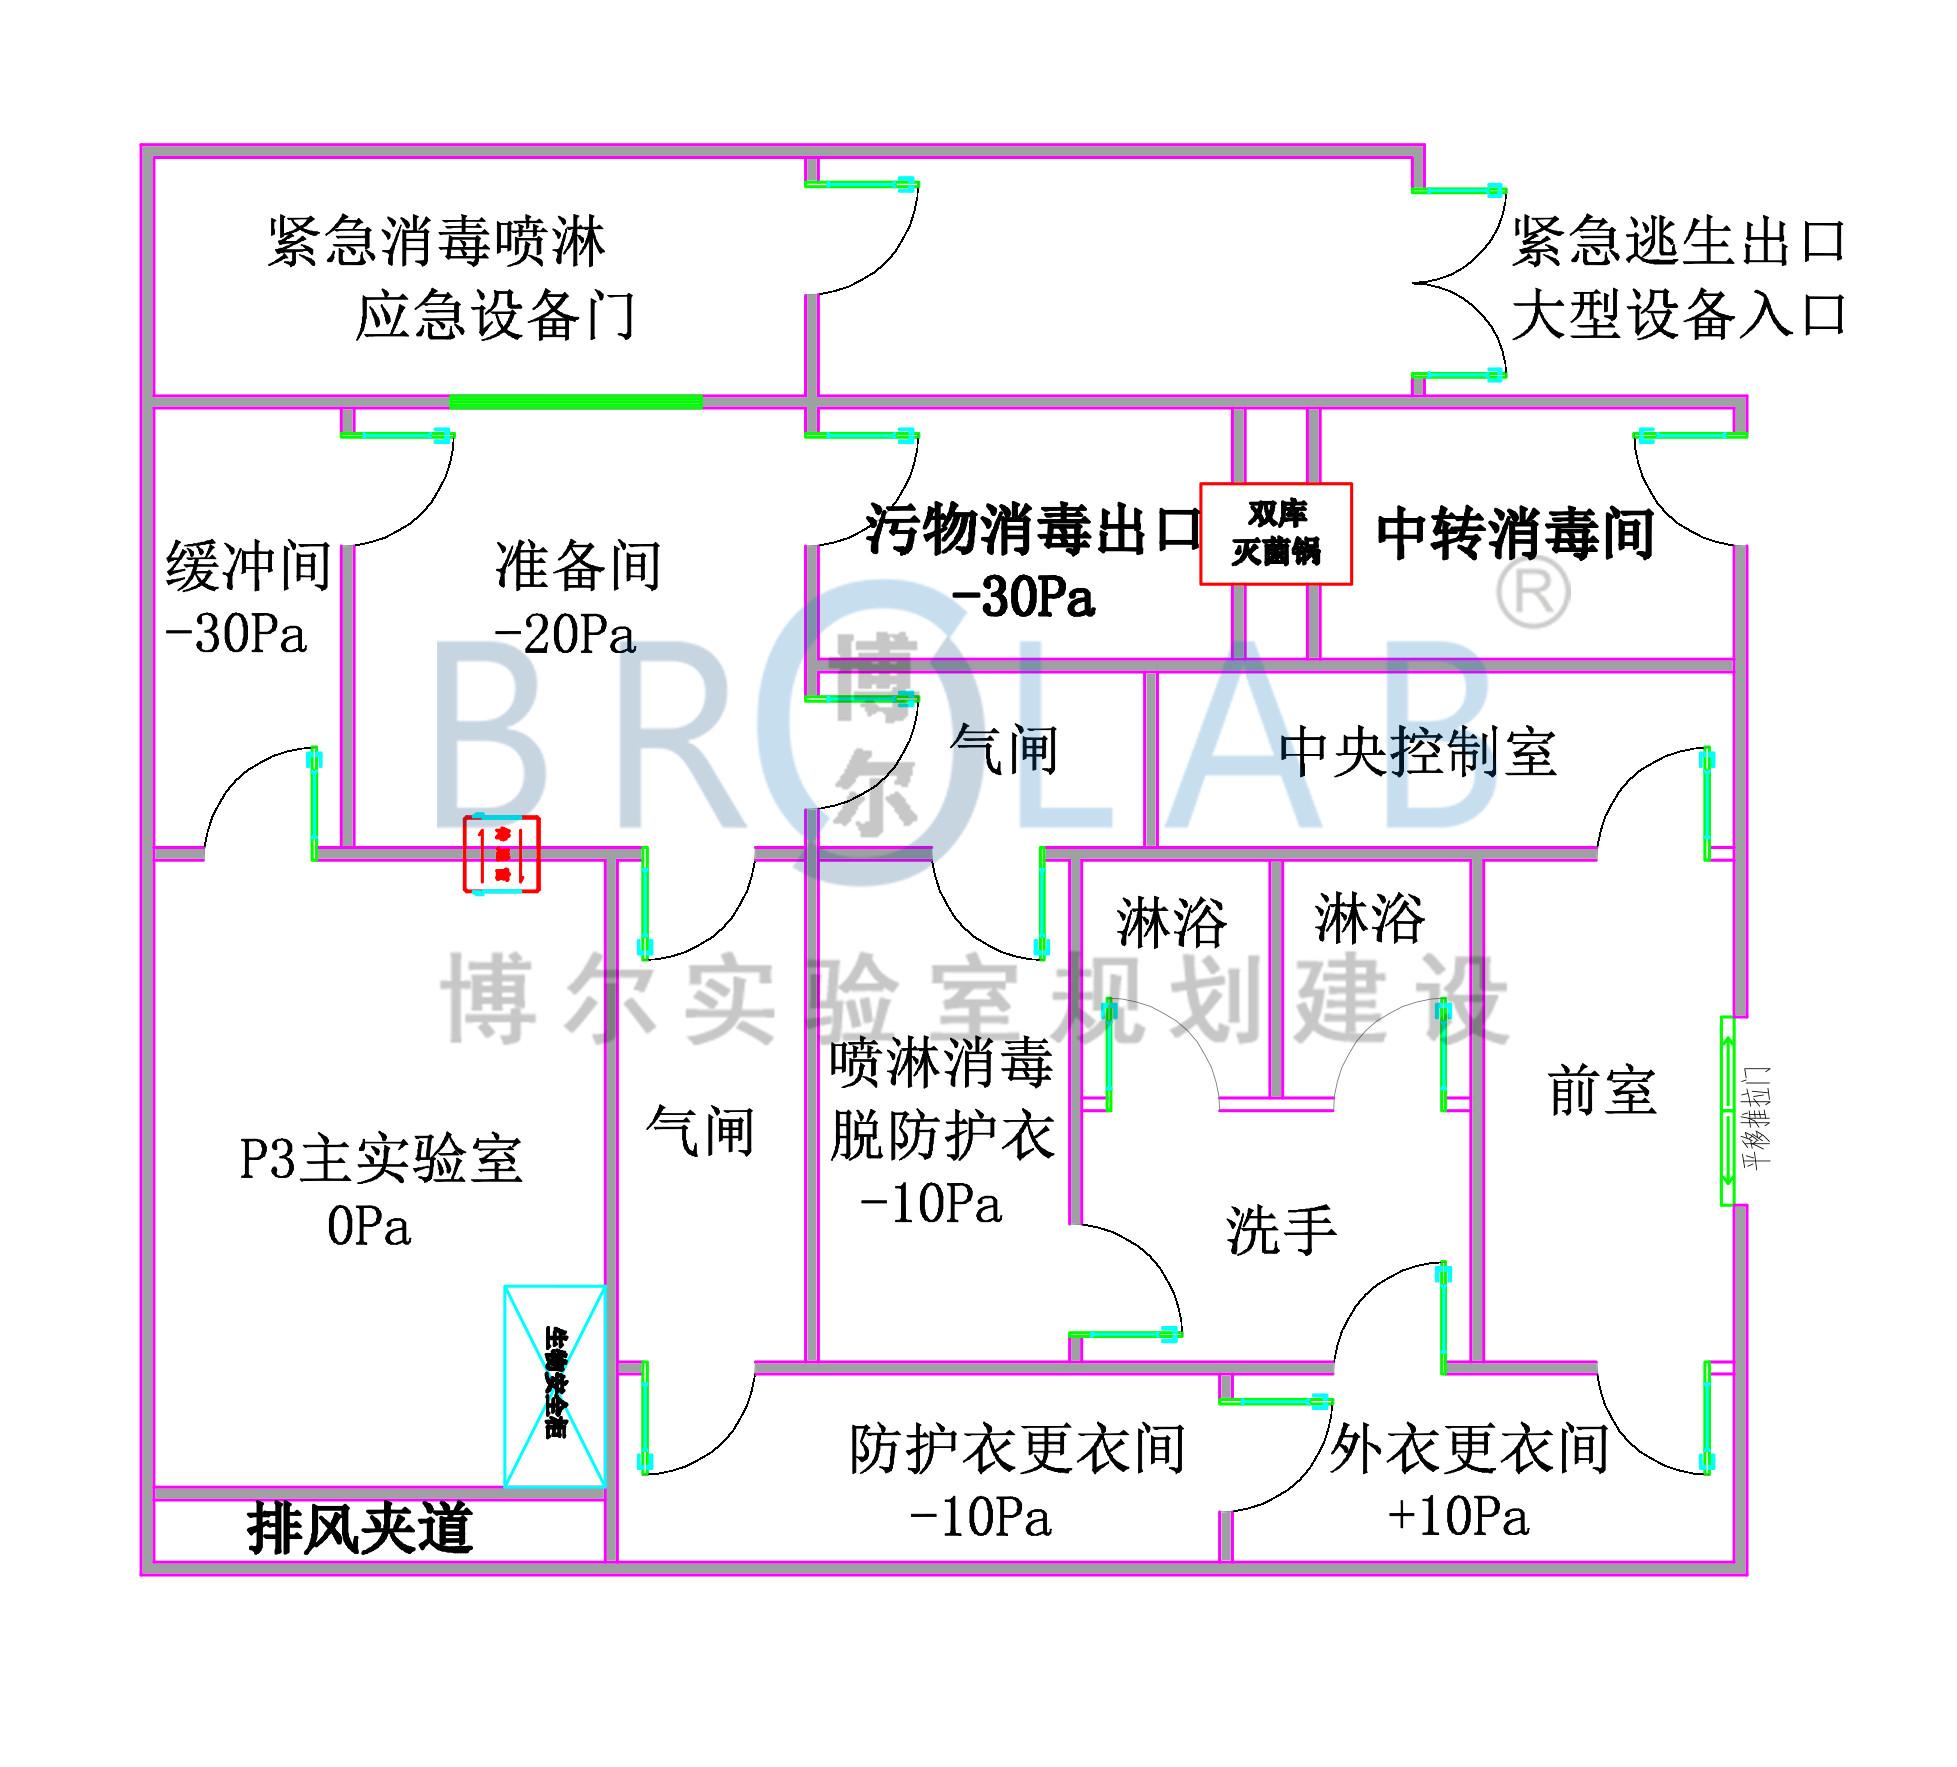 生物安全实验室设计规划布局图